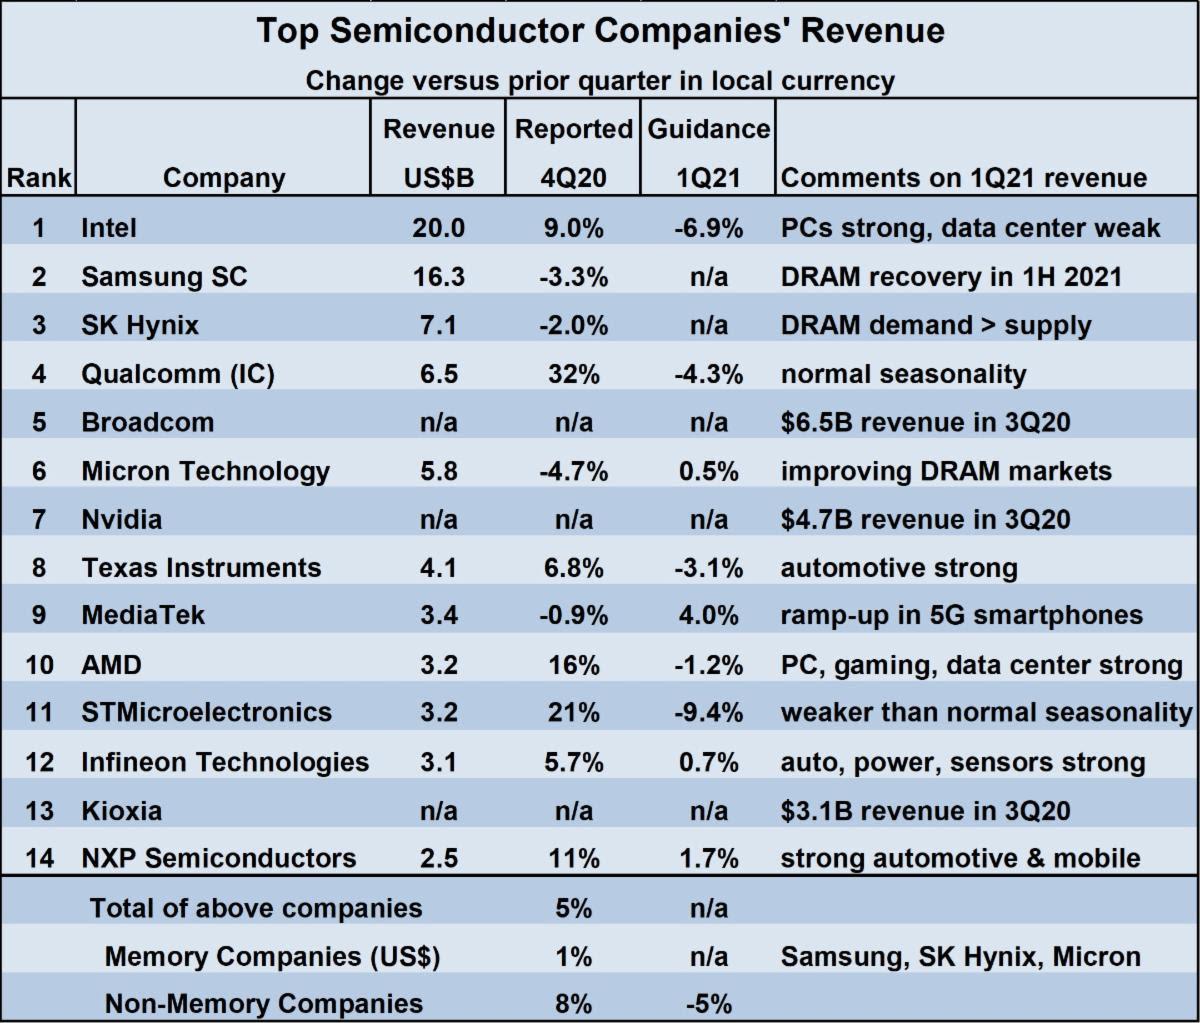 Top Semiconductor Company Revenue 2020 1